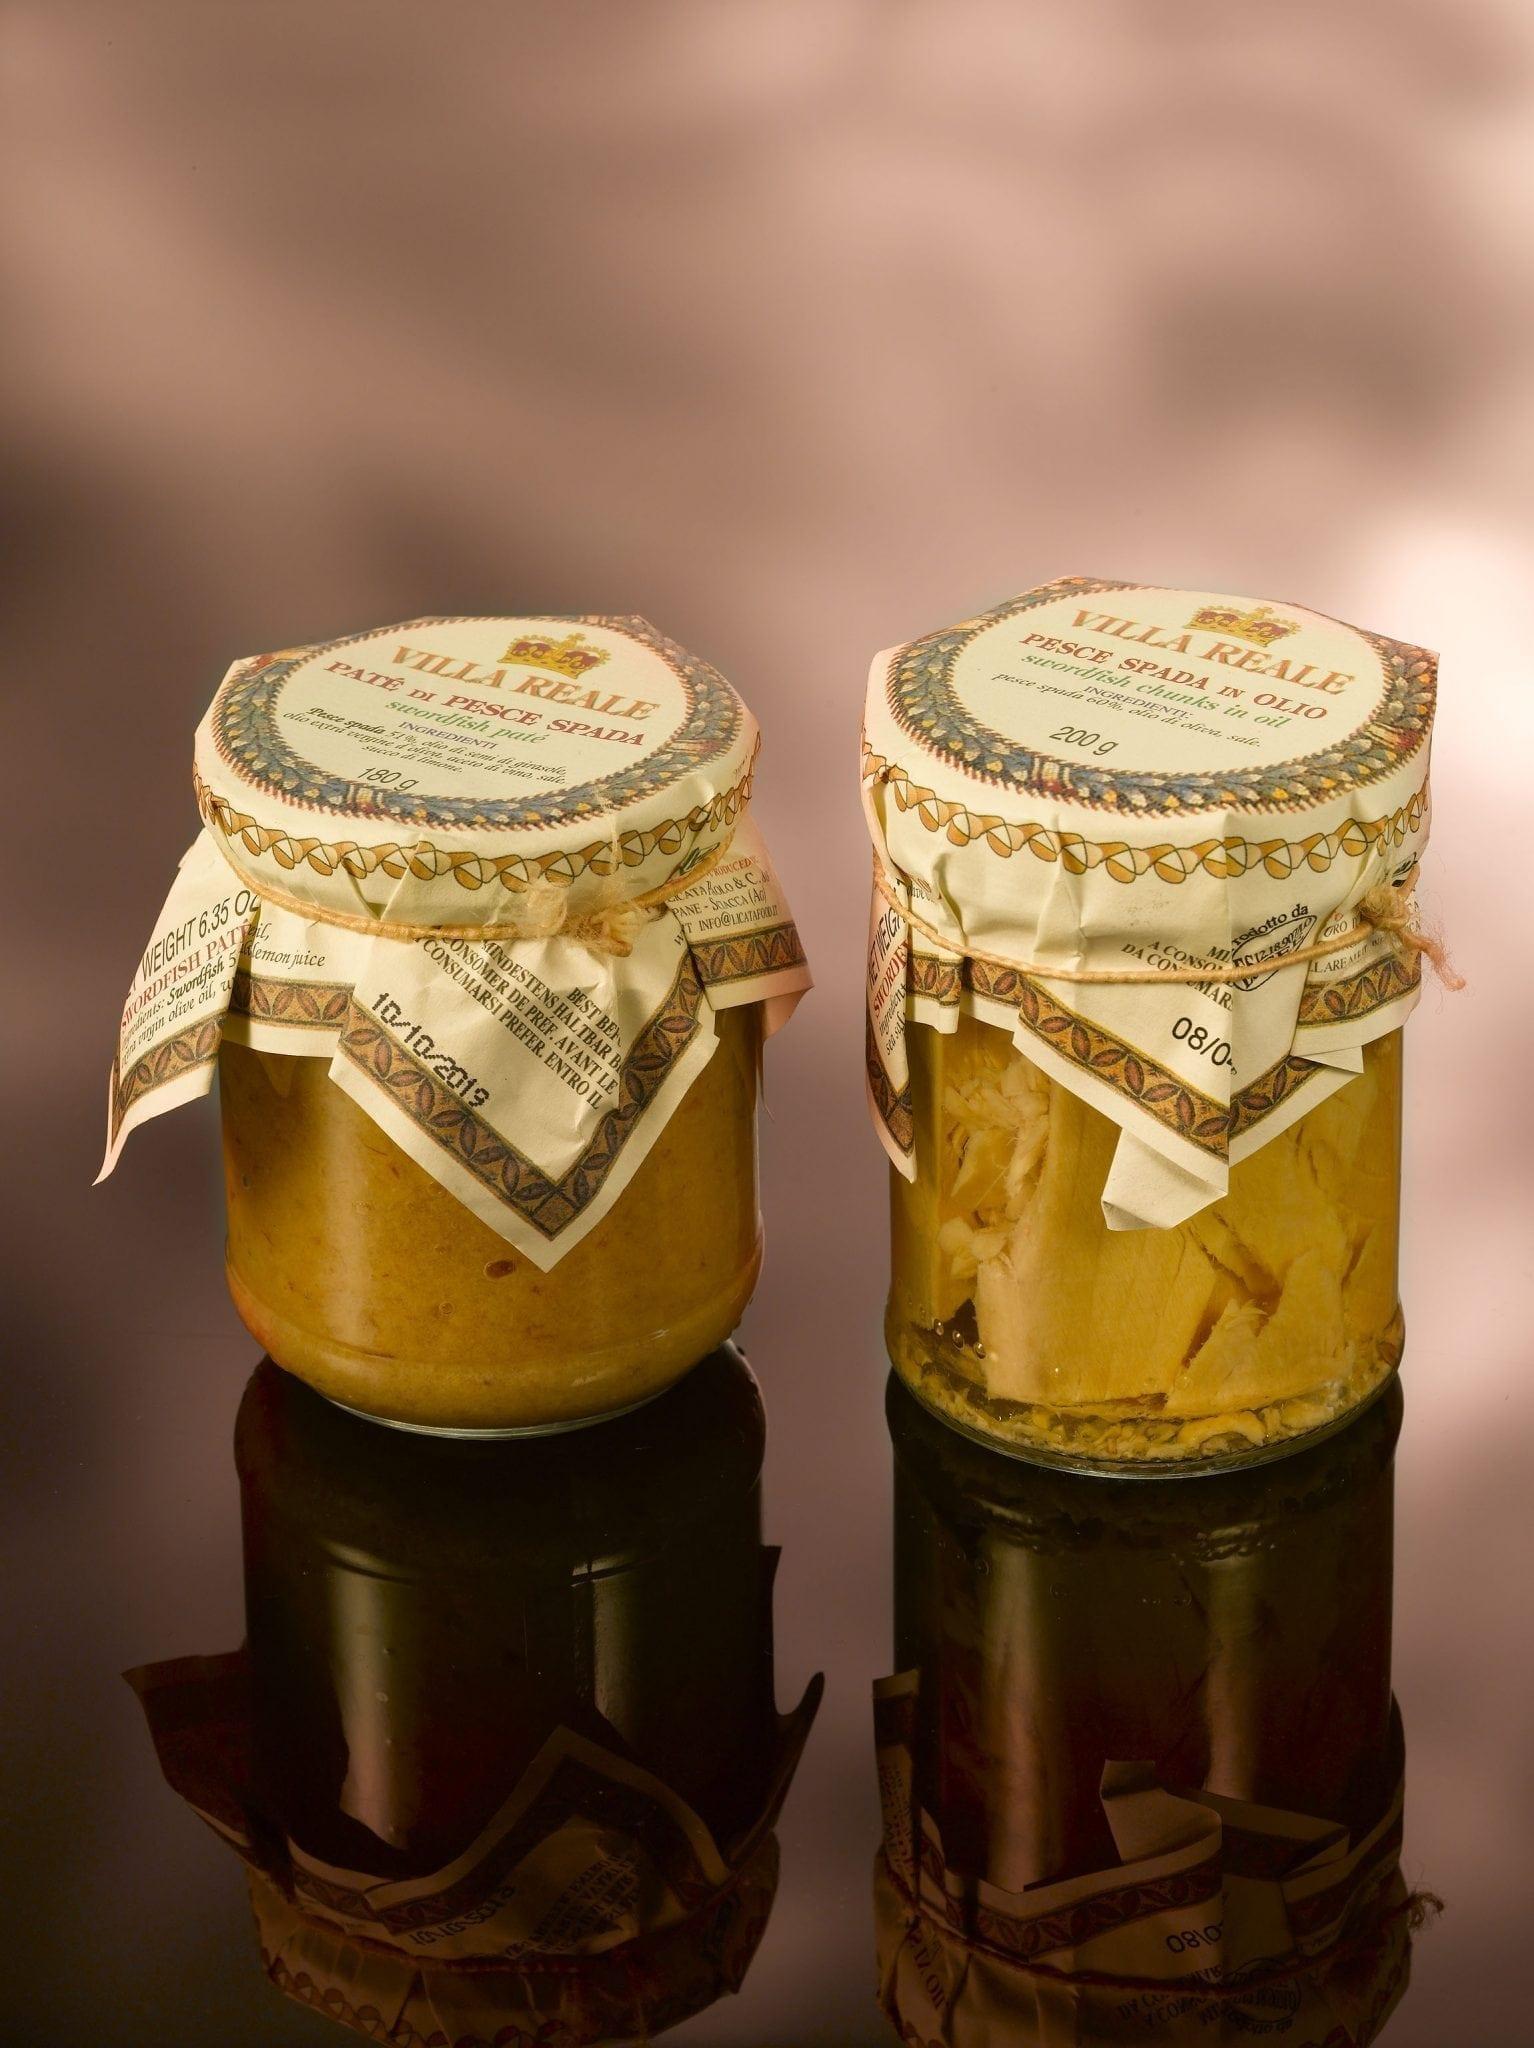 Ville Reale Sicilië, Zwaardvis filet op olijfolie 180 gr